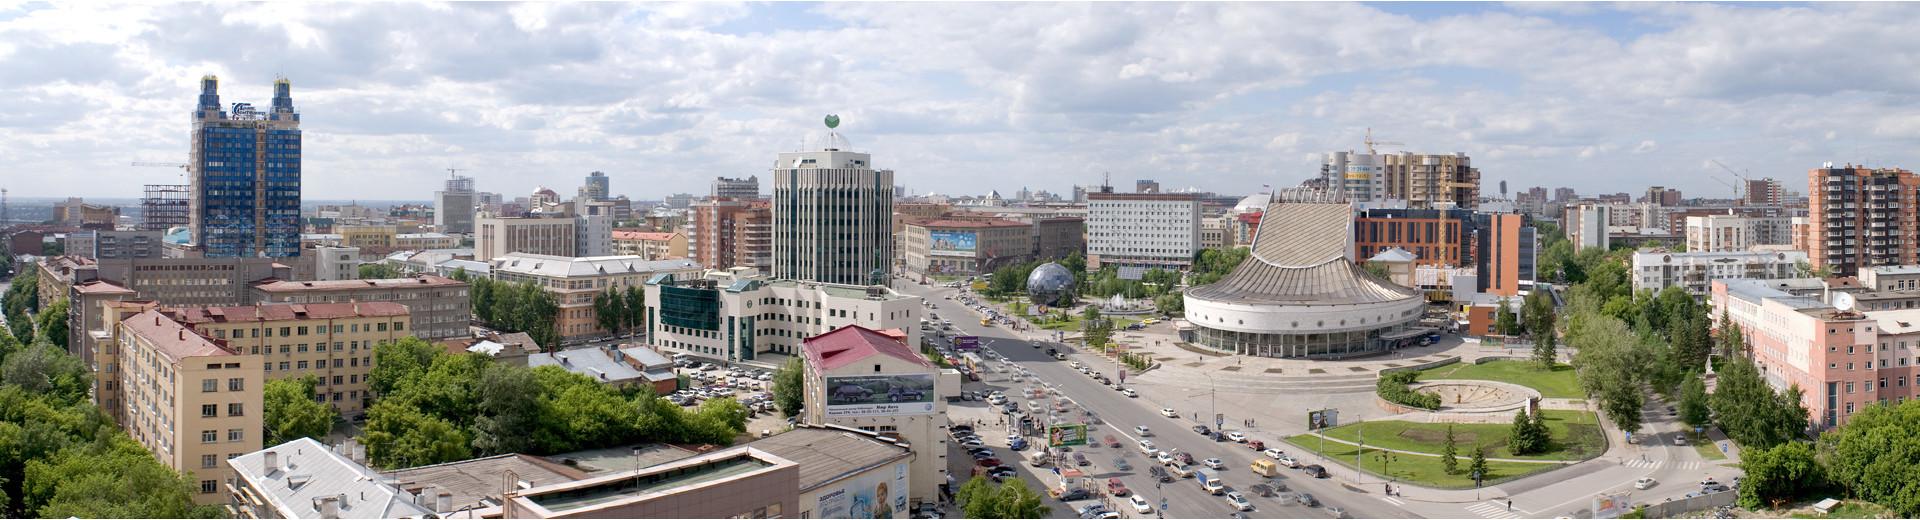 Изображние города Новосибирск